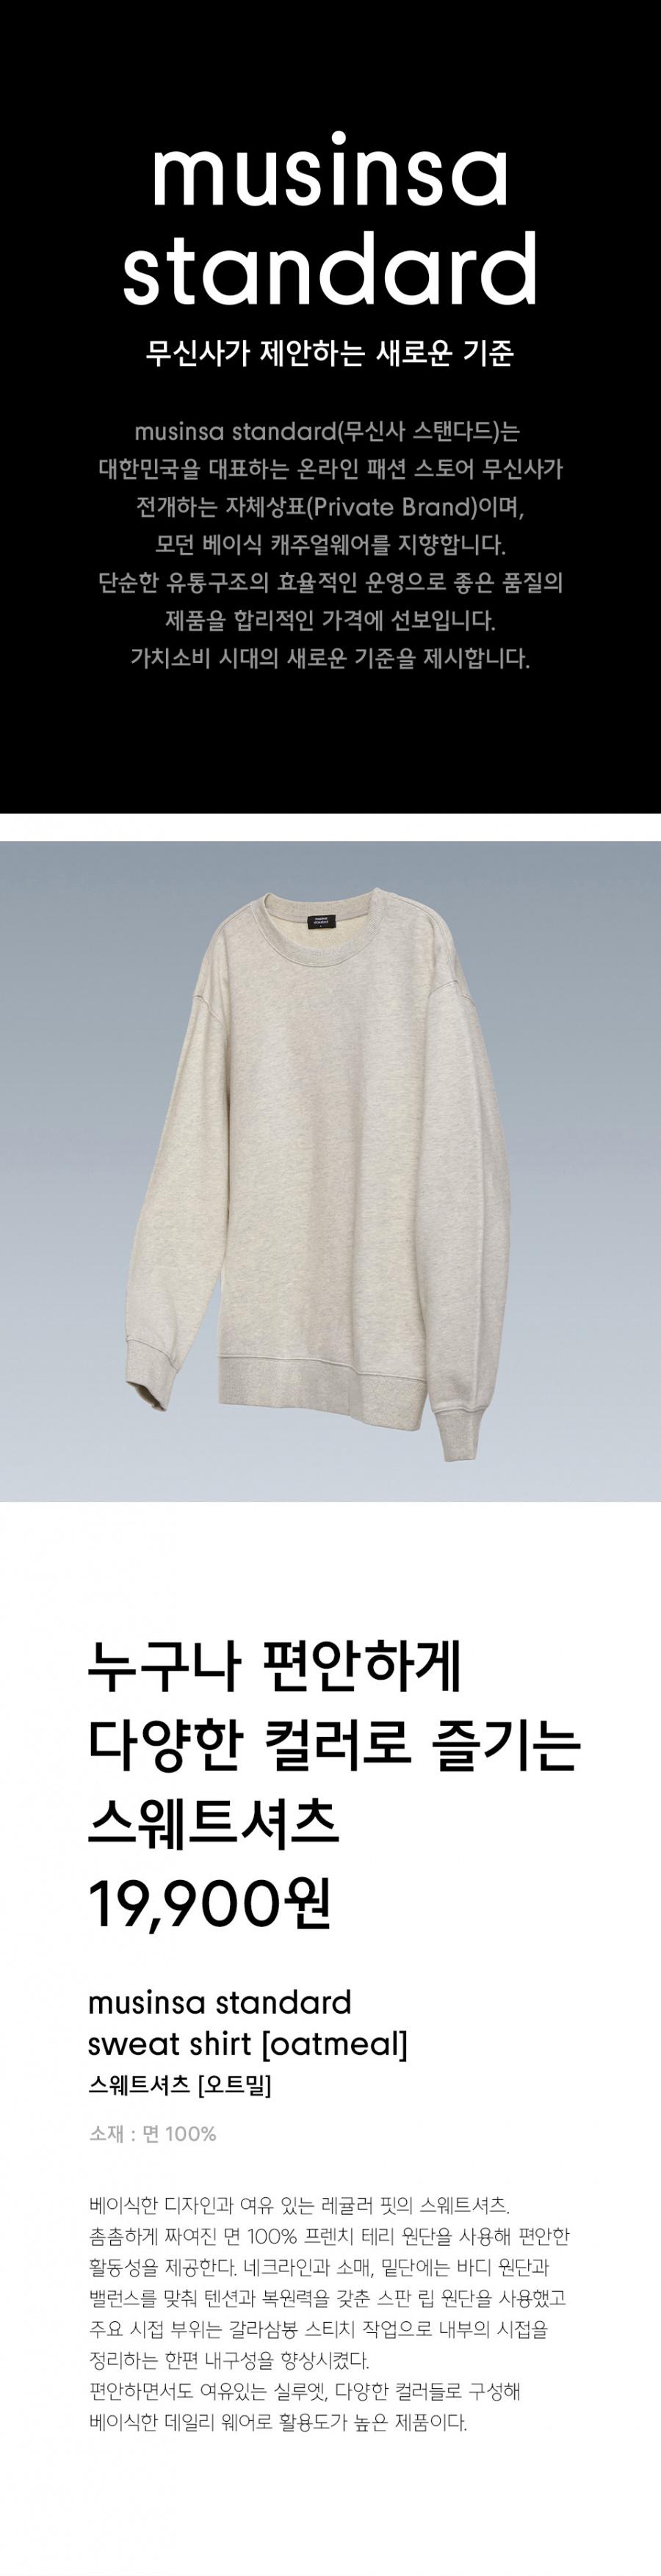 무신사 스탠다드(MUSINSA STANDARD) 스웨트 셔츠 [오트밀]